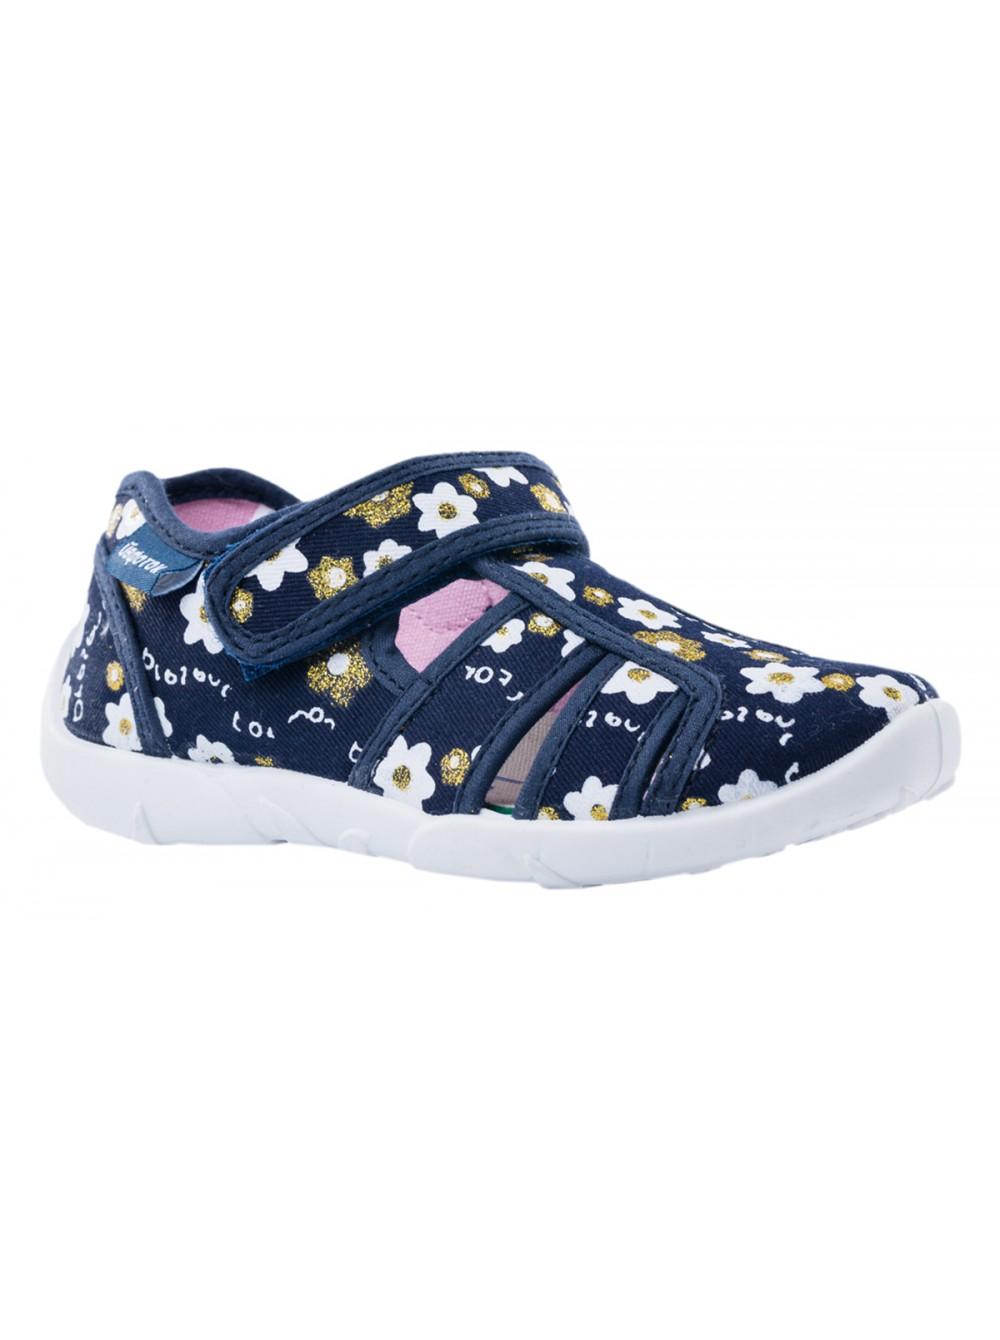 Текстильная обувь Котофей 421037-14 синий (26-31)